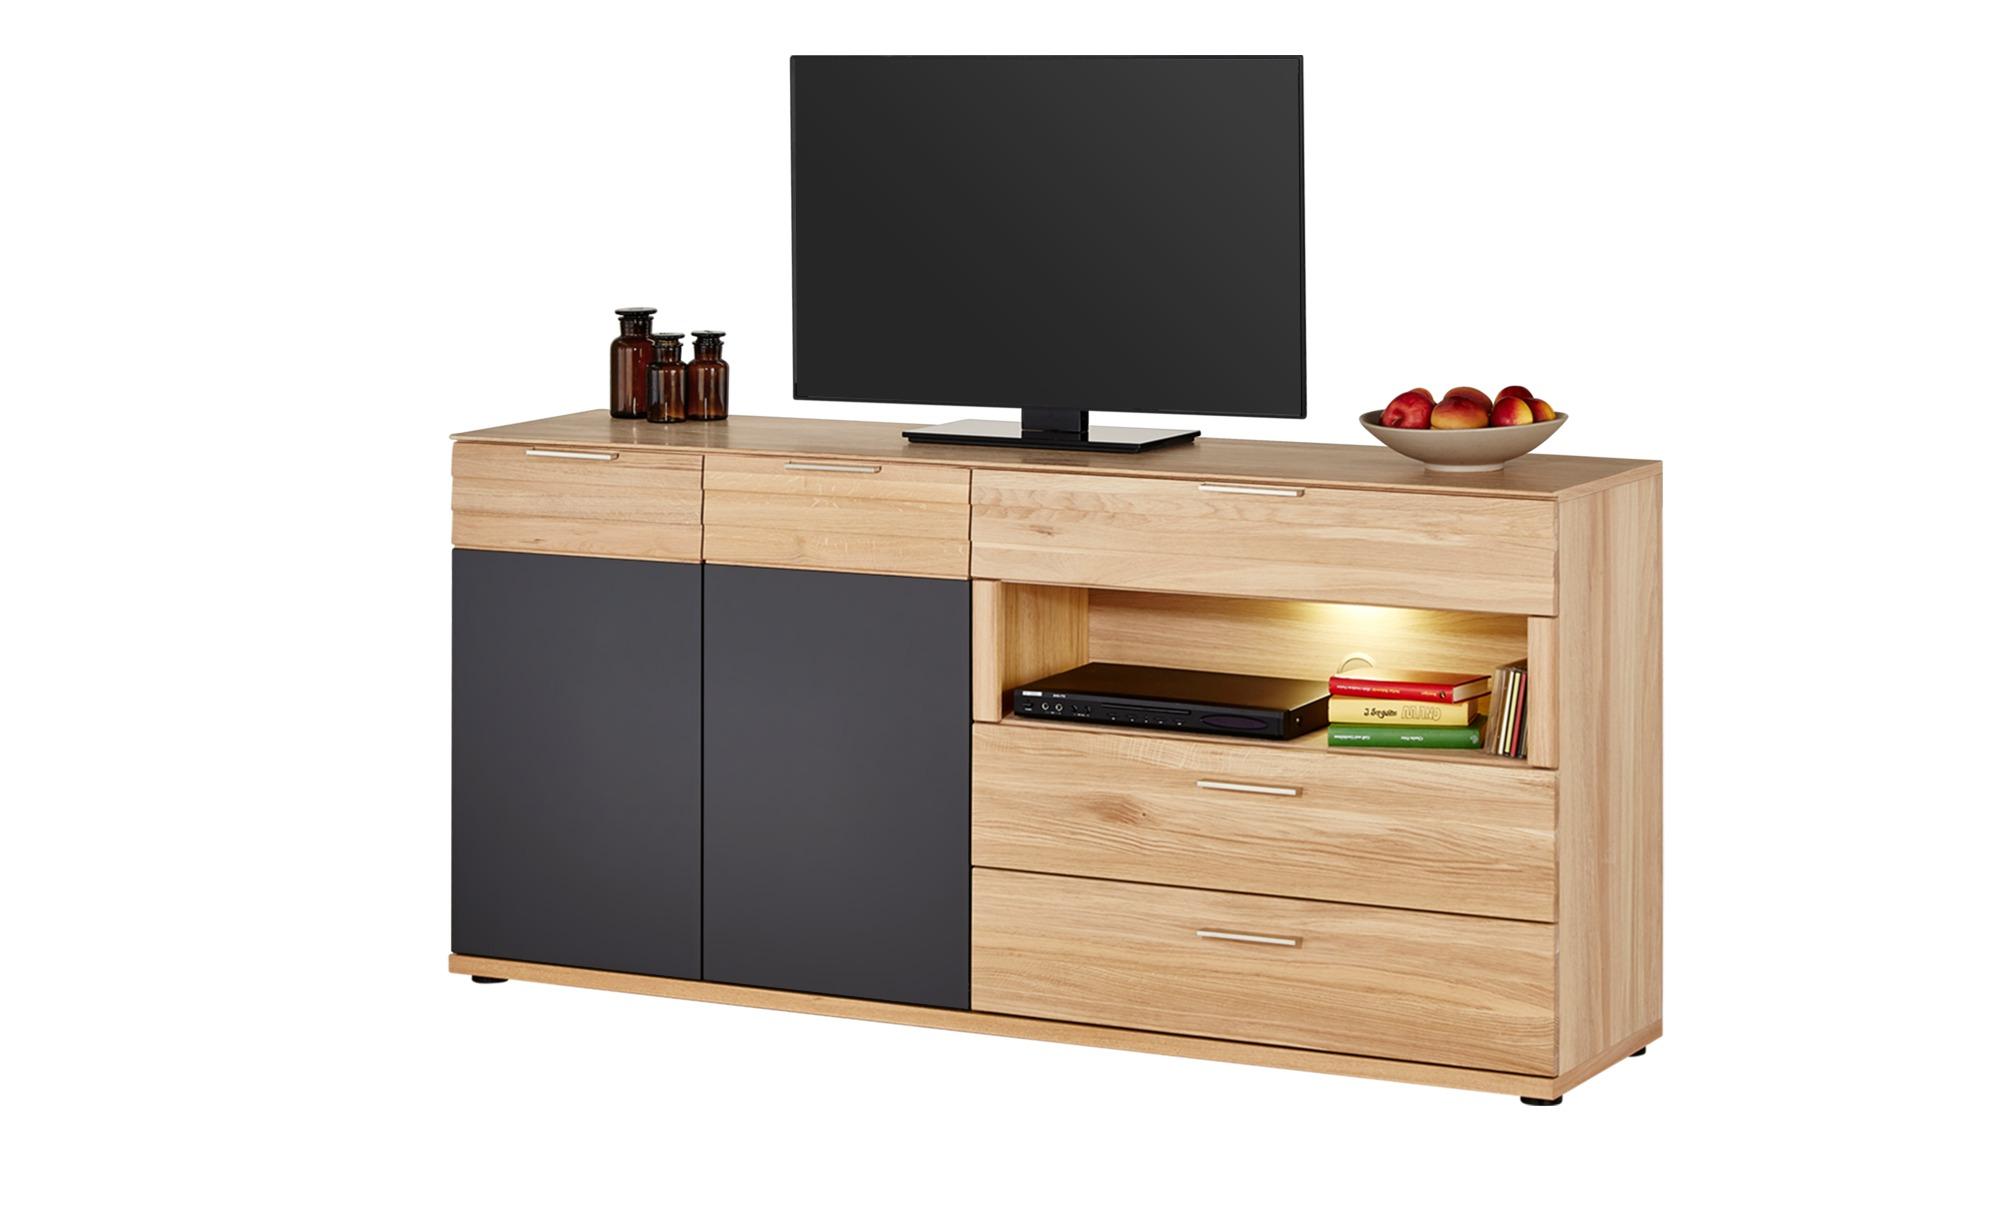 Woodford Sideboard   Achat ¦ holzfarben ¦ Maße (cm): B: 180 H: 87 T: 42 Kommoden & Sideboards > Sideboards - Höffner